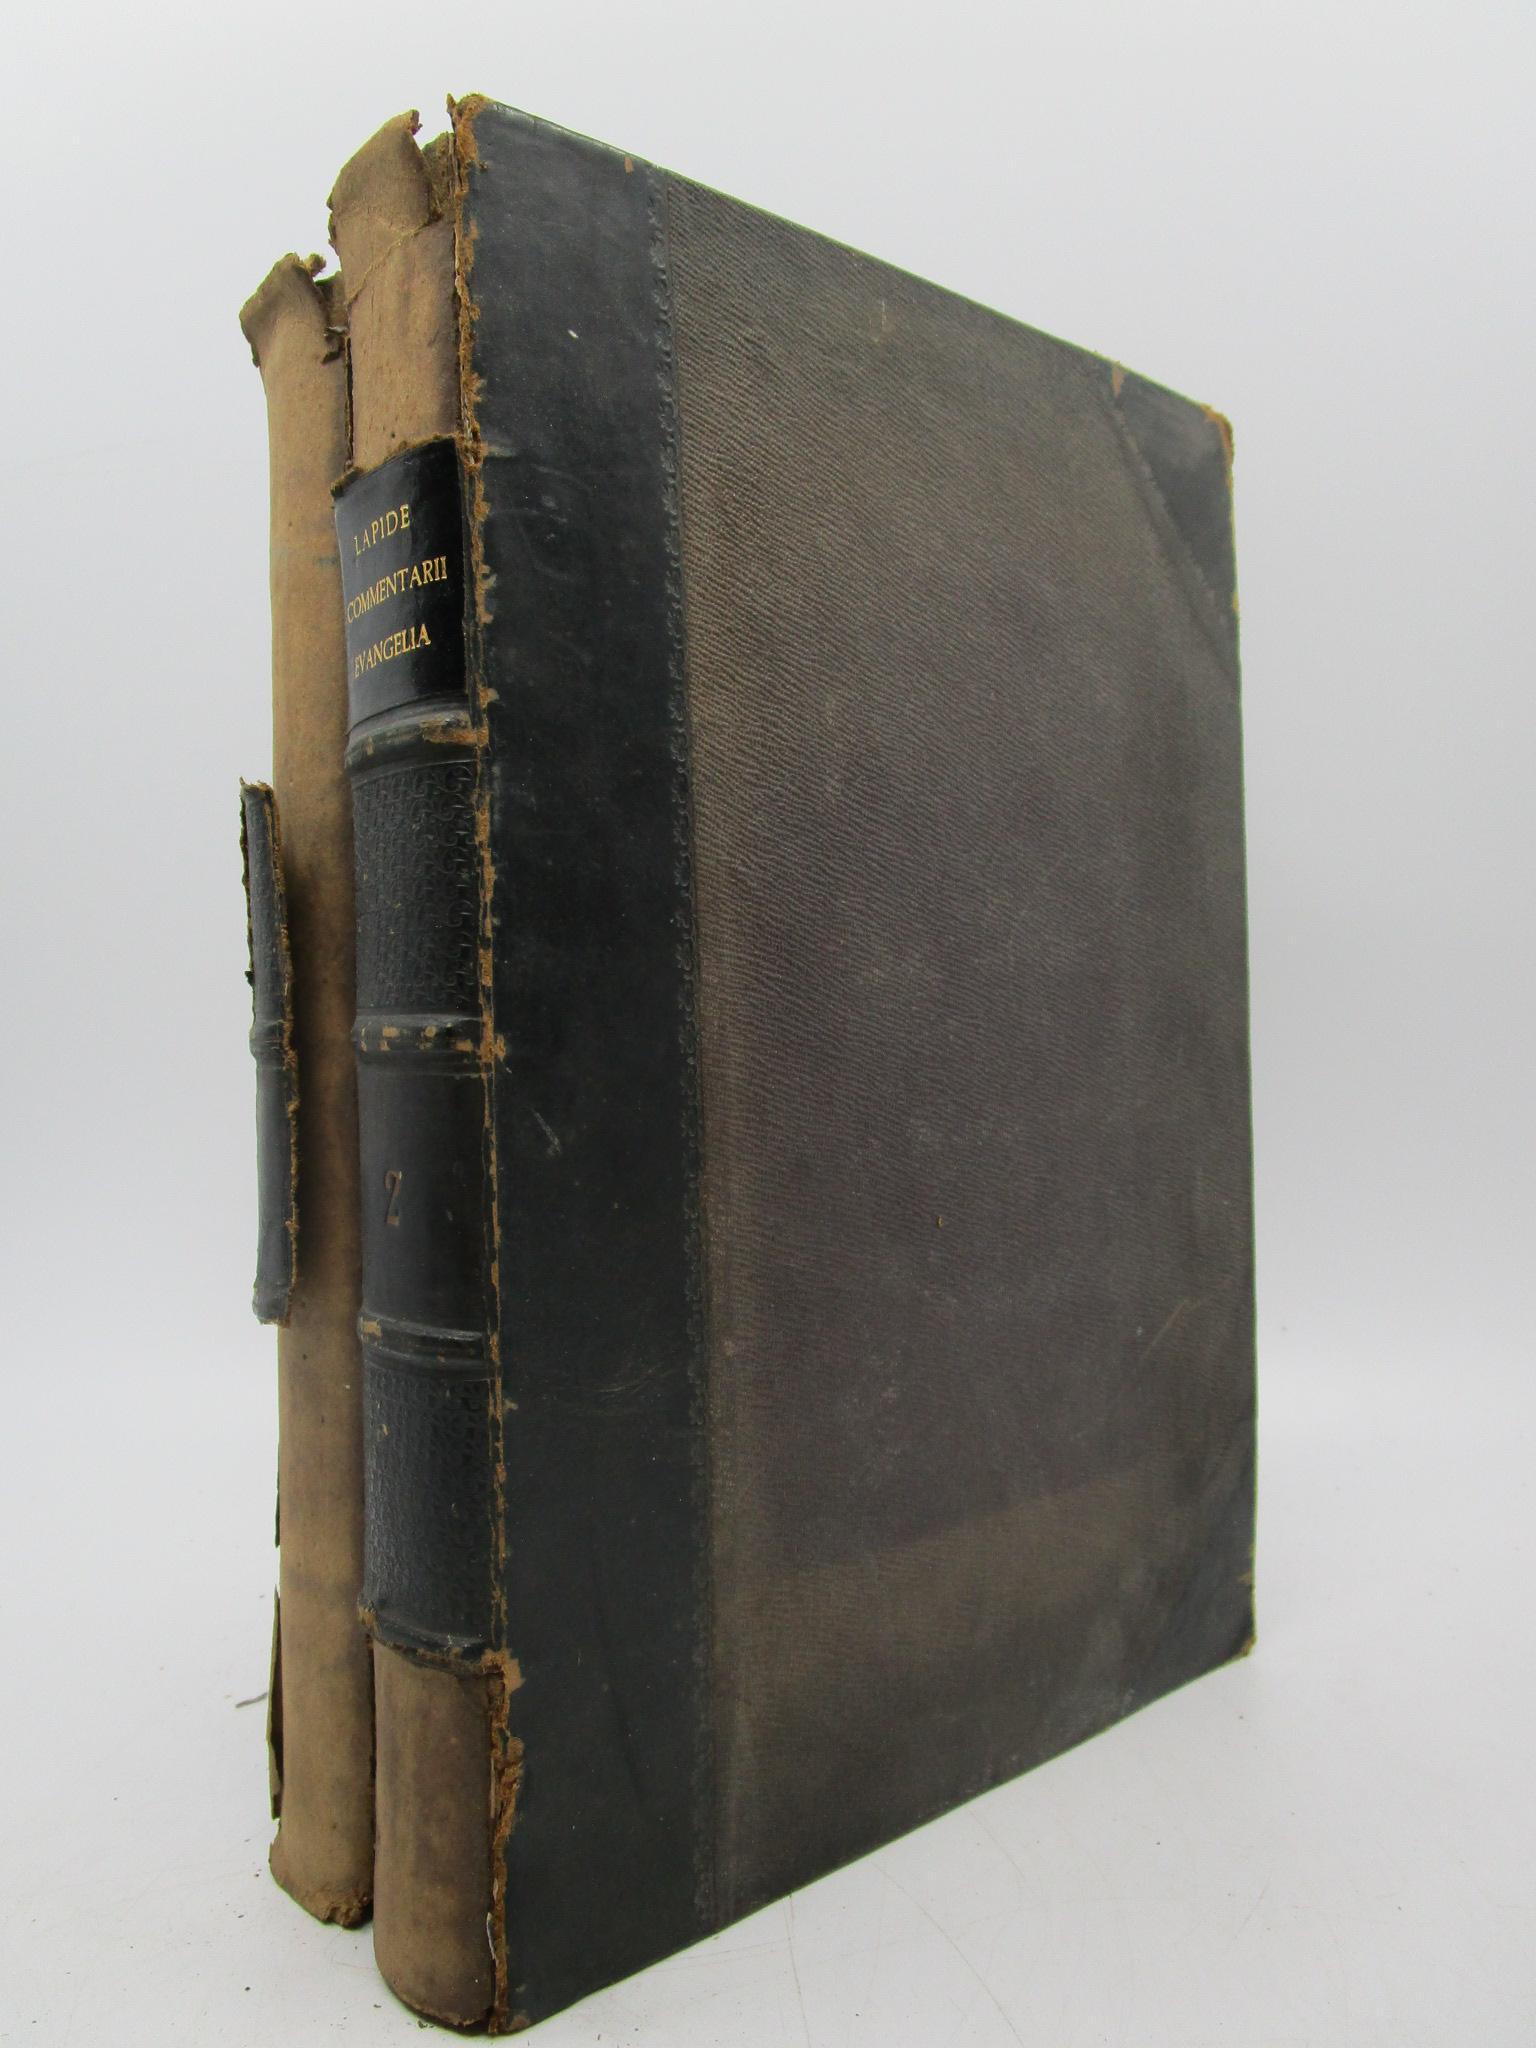 Image for R. P. C. Cornelii a Lapide E Societate Jesu Commentarii in Quatuor Evangelia (Complete Two Volume Set)